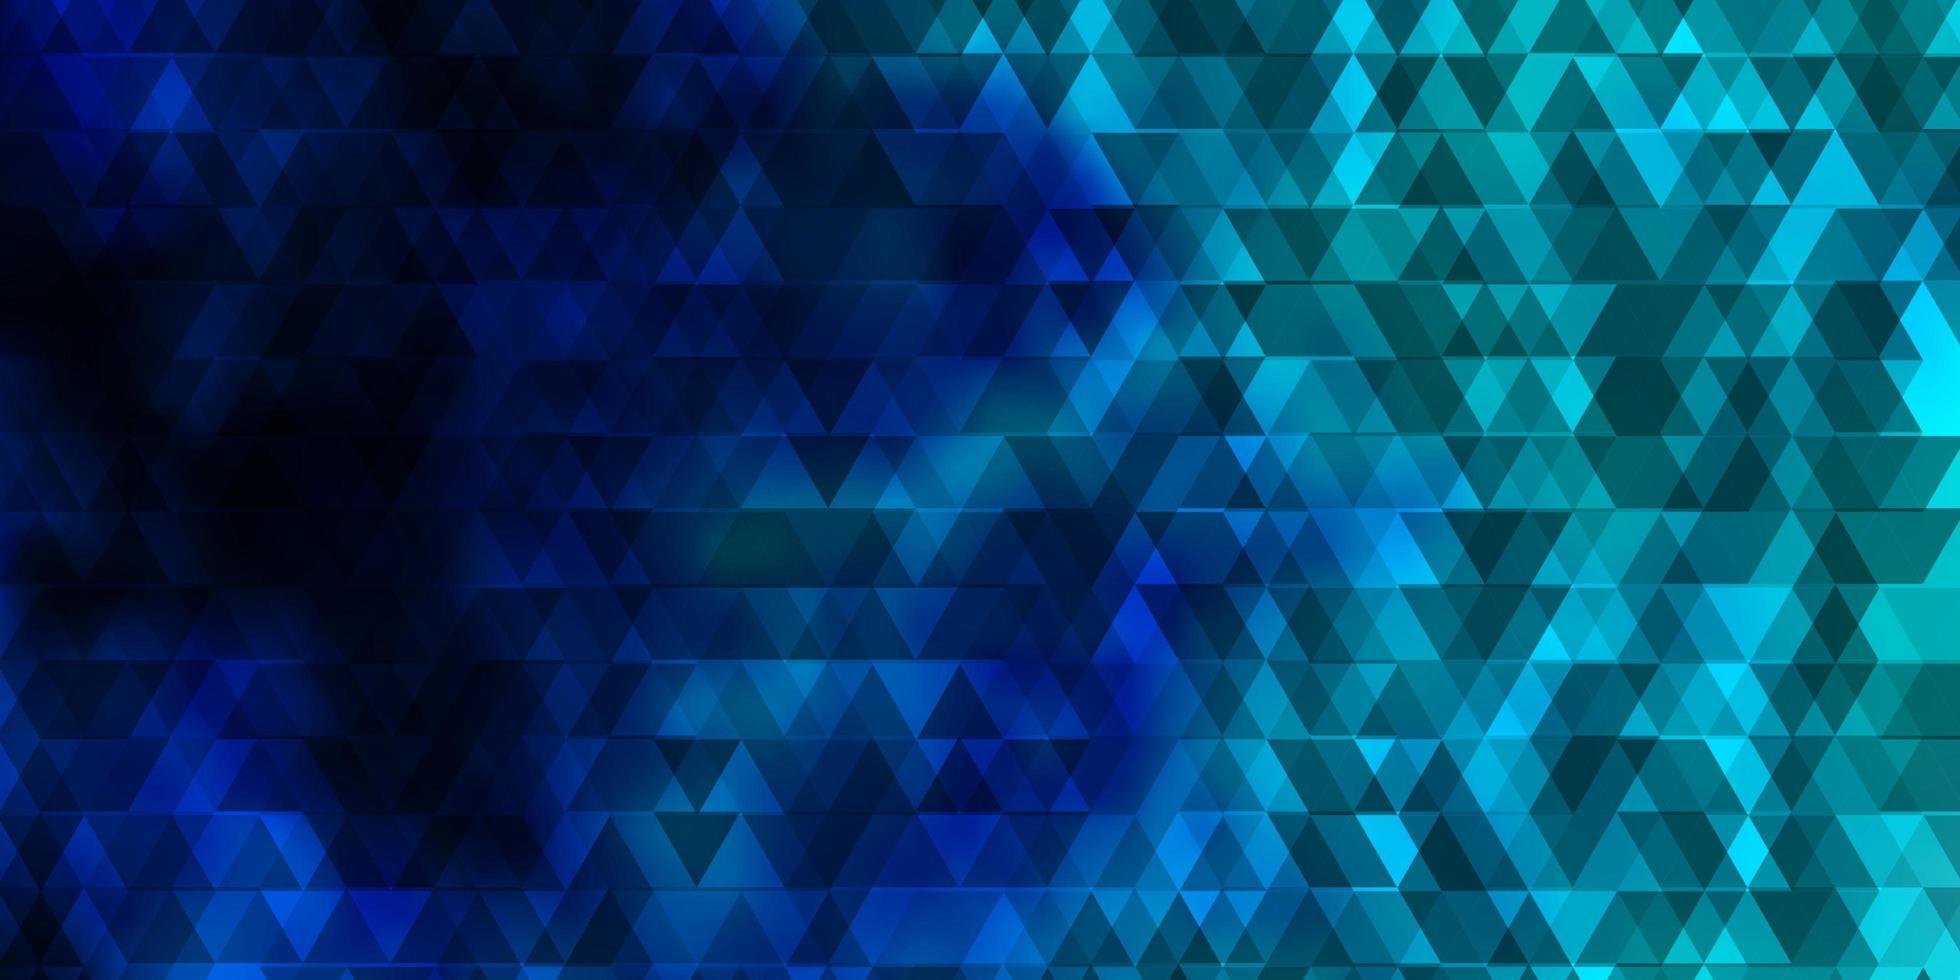 fundo vector azul claro com linhas, triângulos.